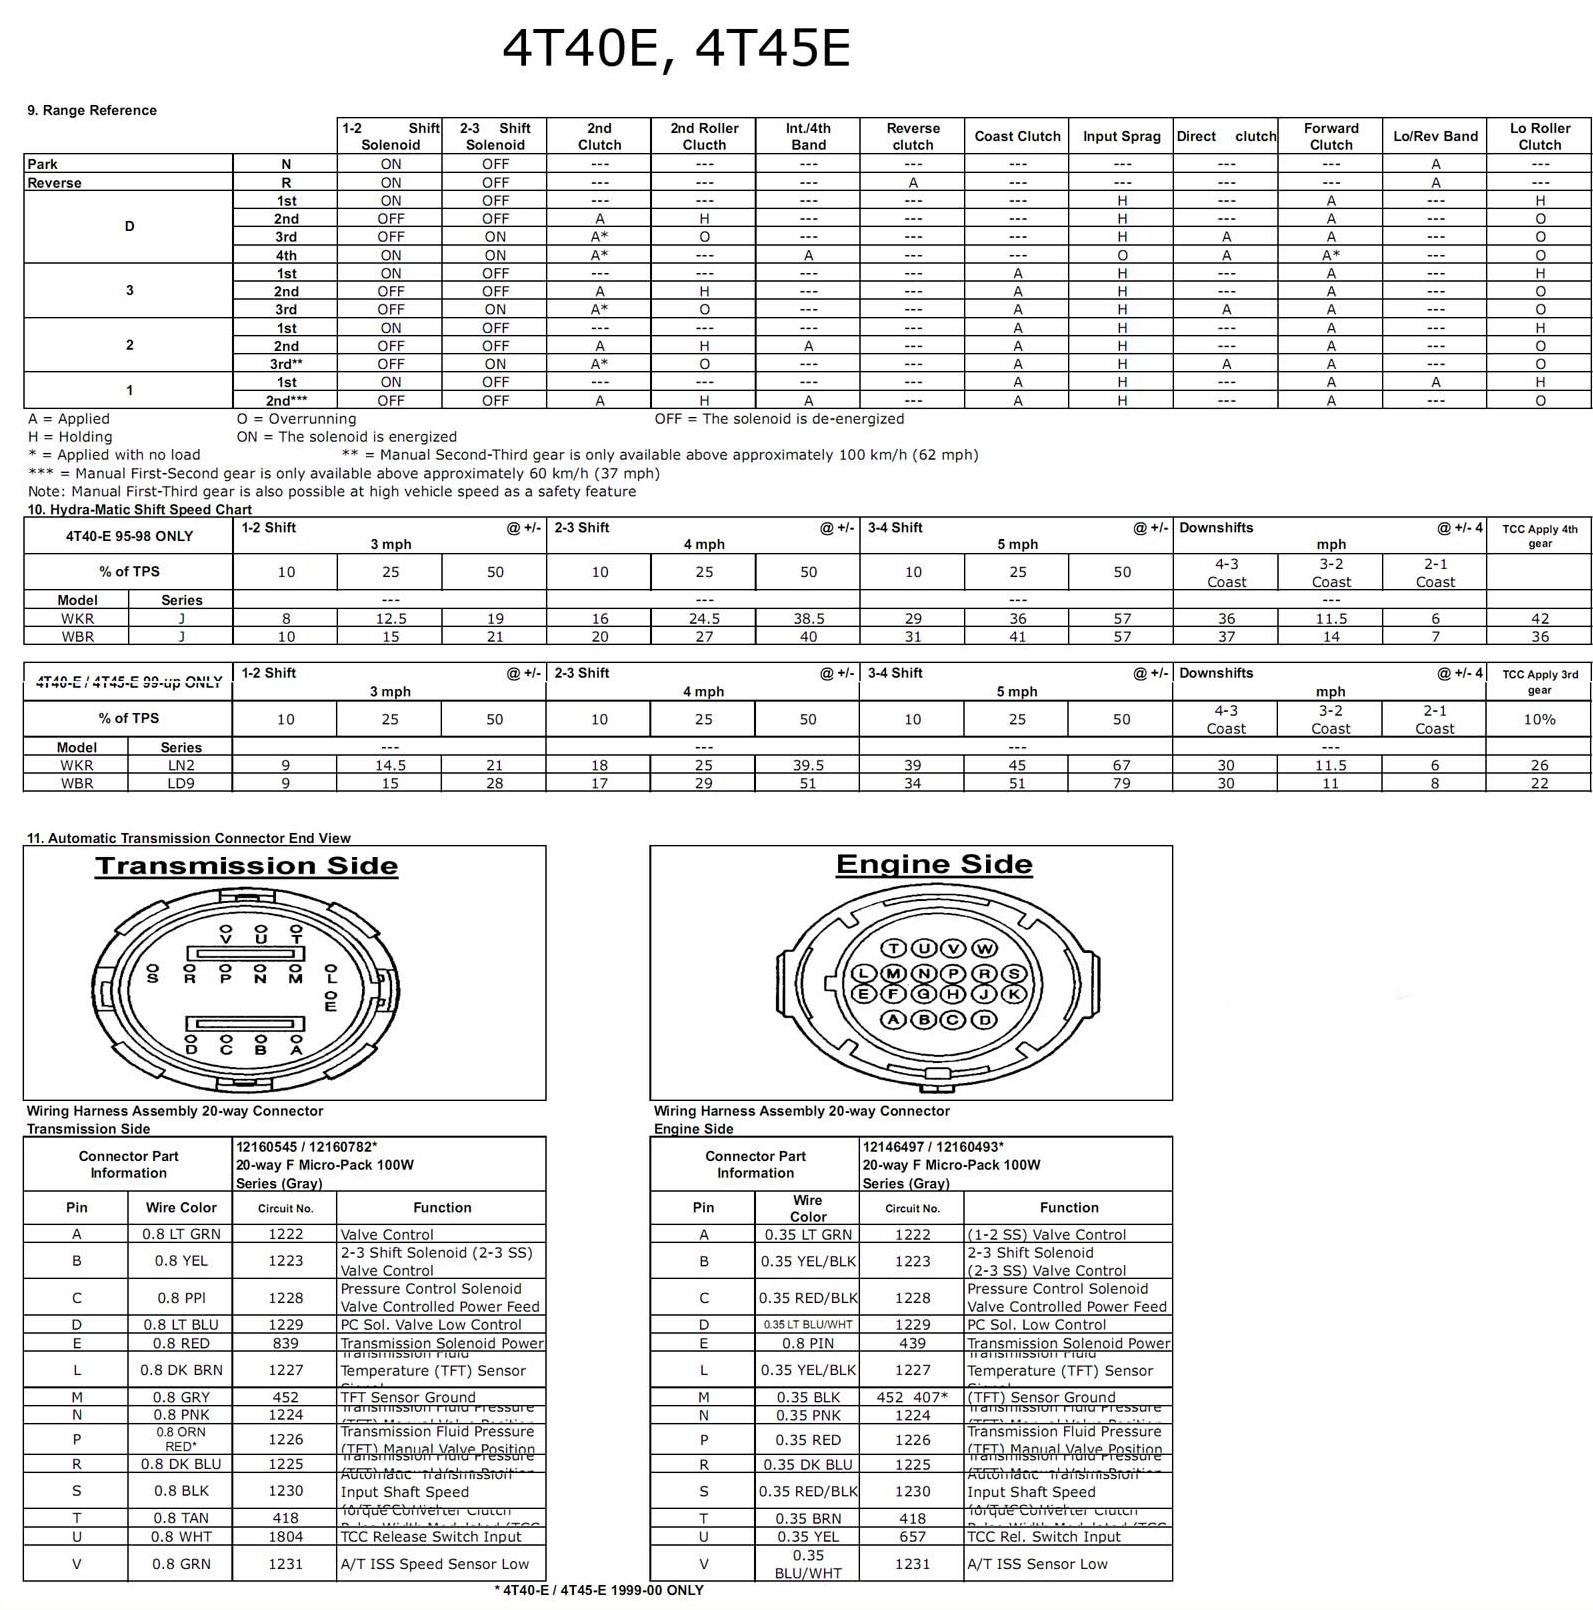 transmission repair manuals 4t40e, 4t45e instructions for rebuildmanual  4t40e 4t45 manual 4t40e 4t45